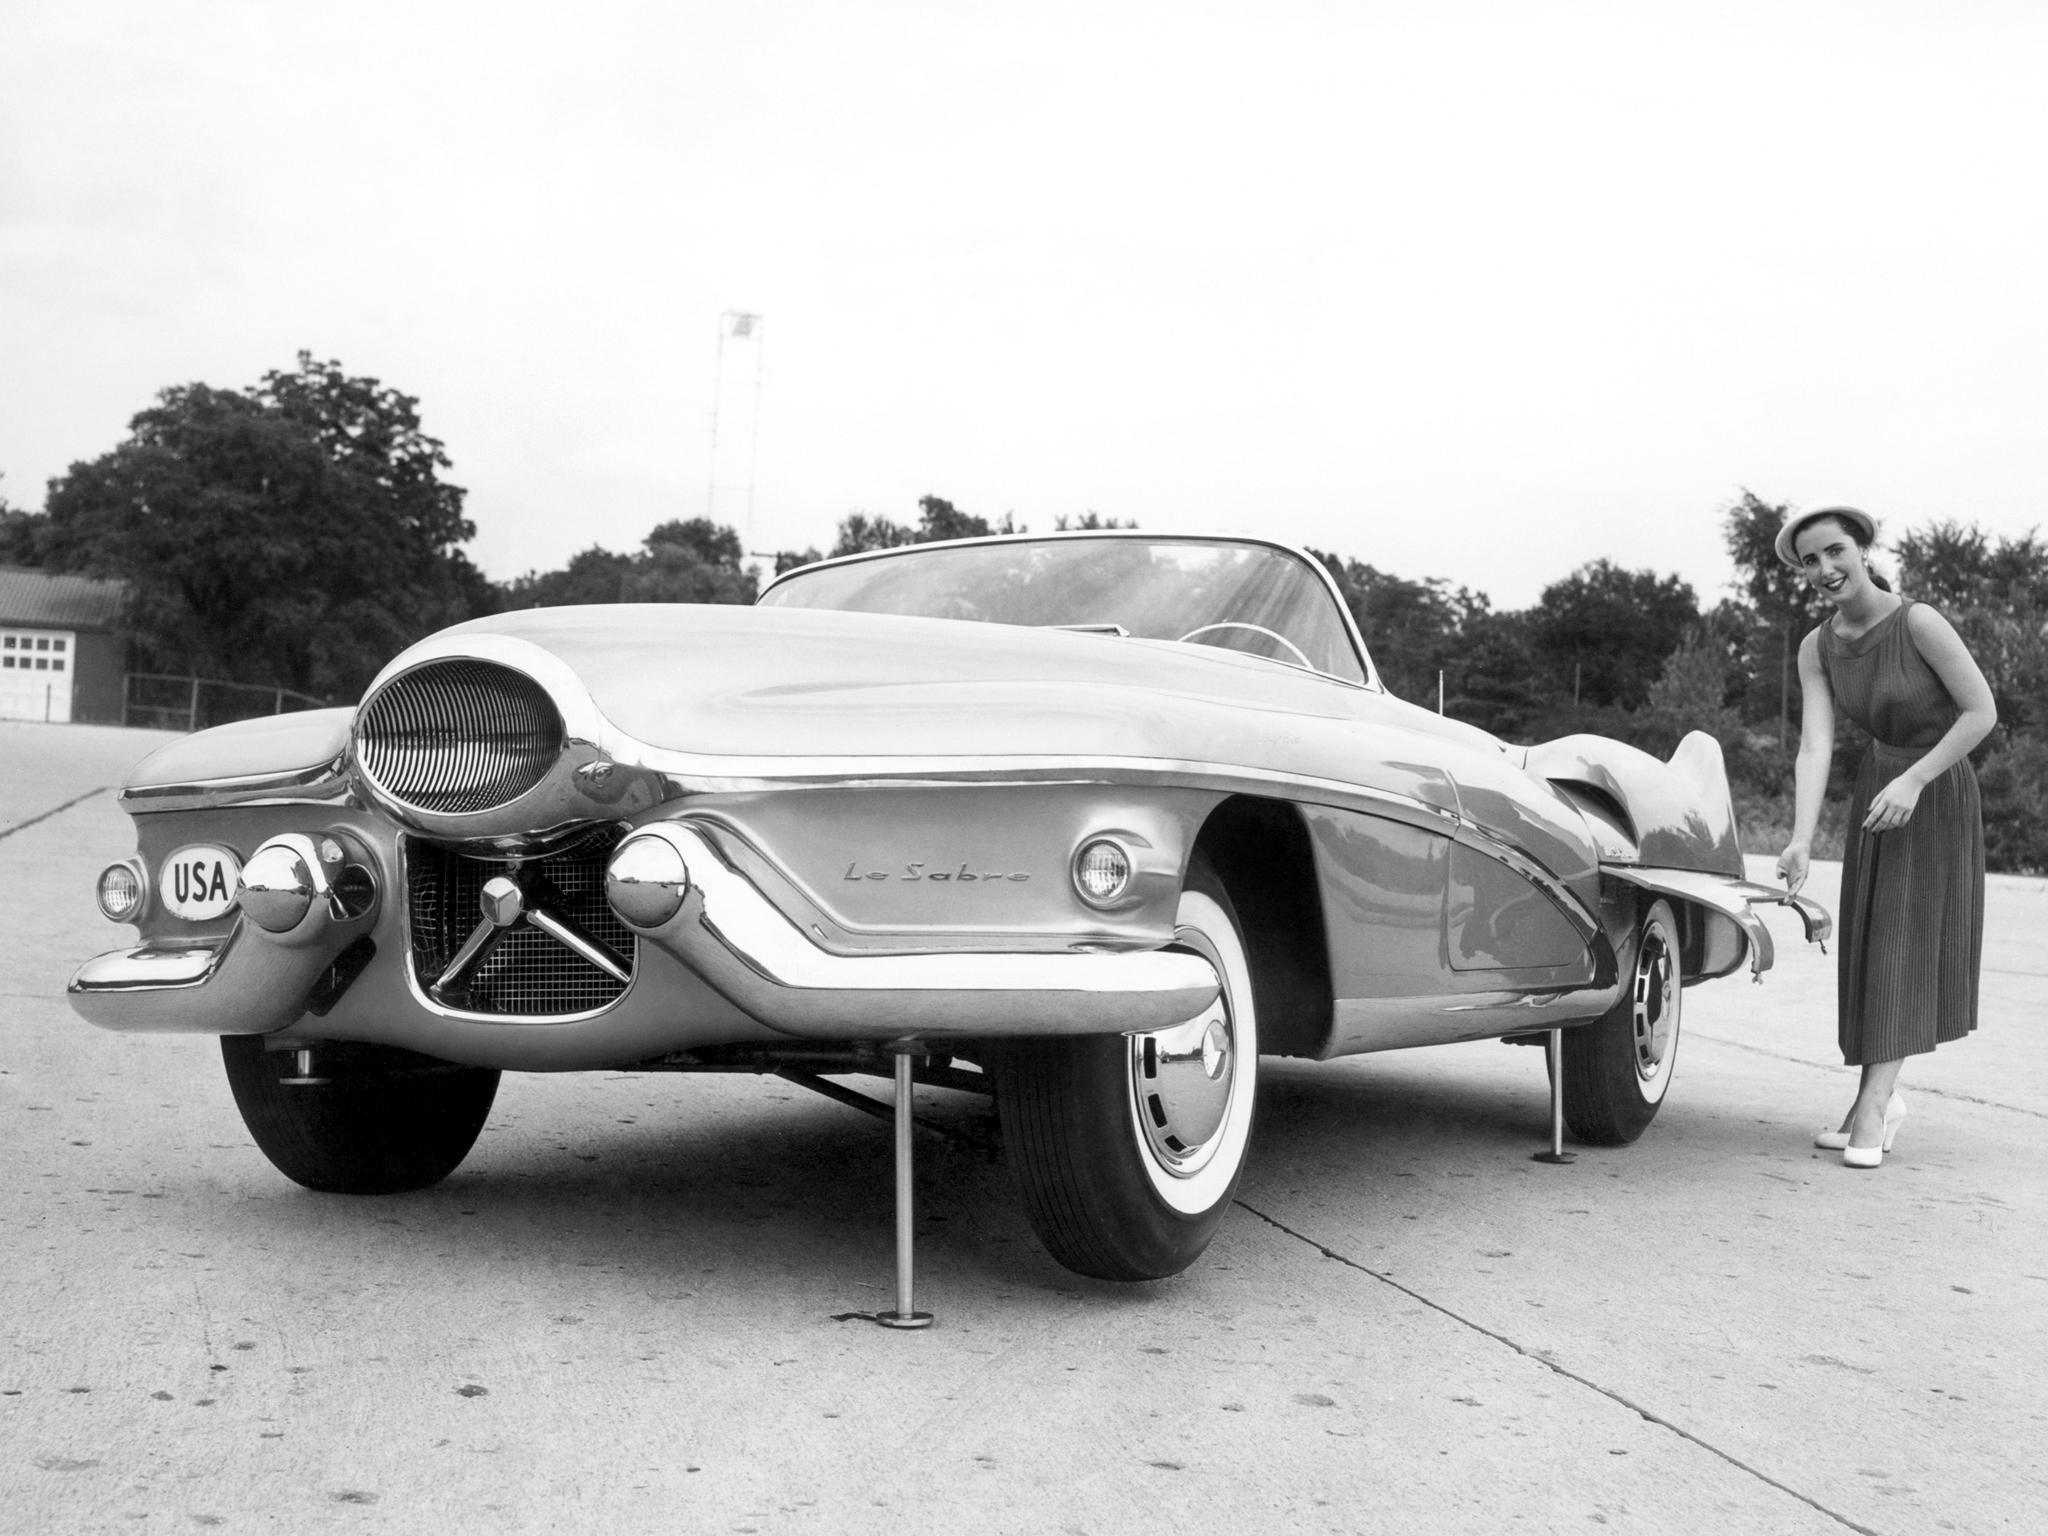 1951 Buick Le Sabre Concepts